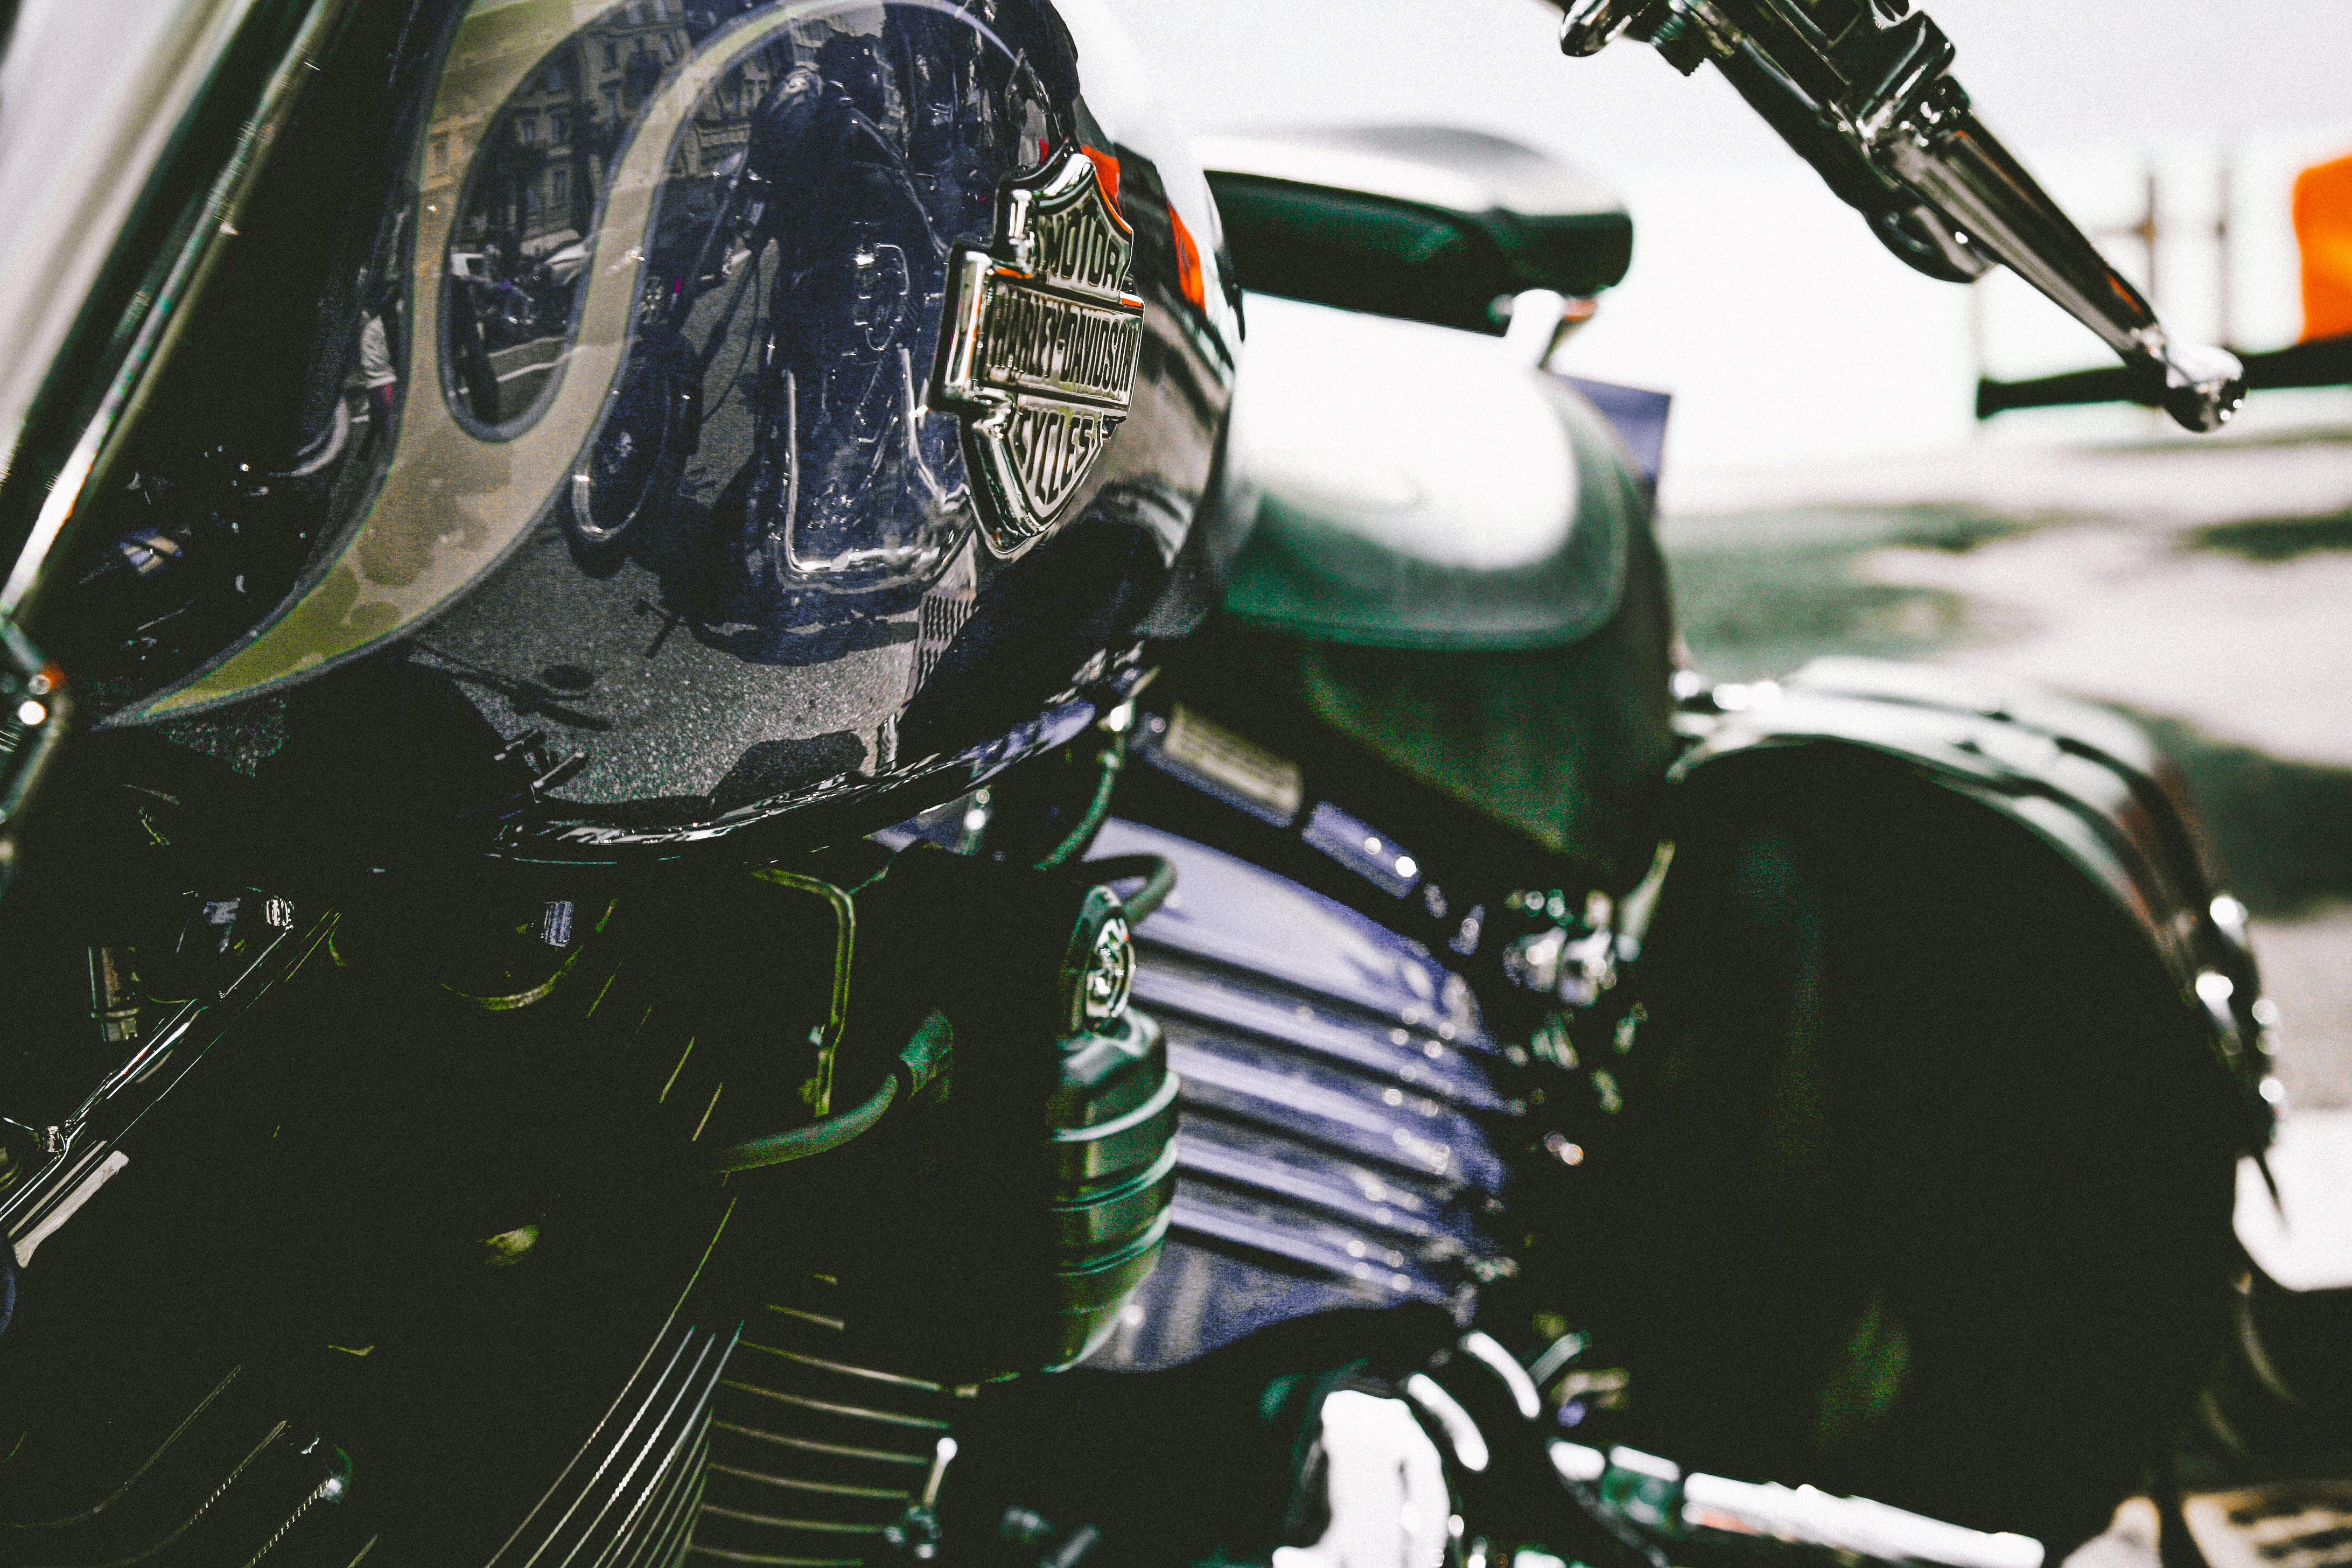 Immagine gratuita di giro, harley davidson, moto, motocicletta